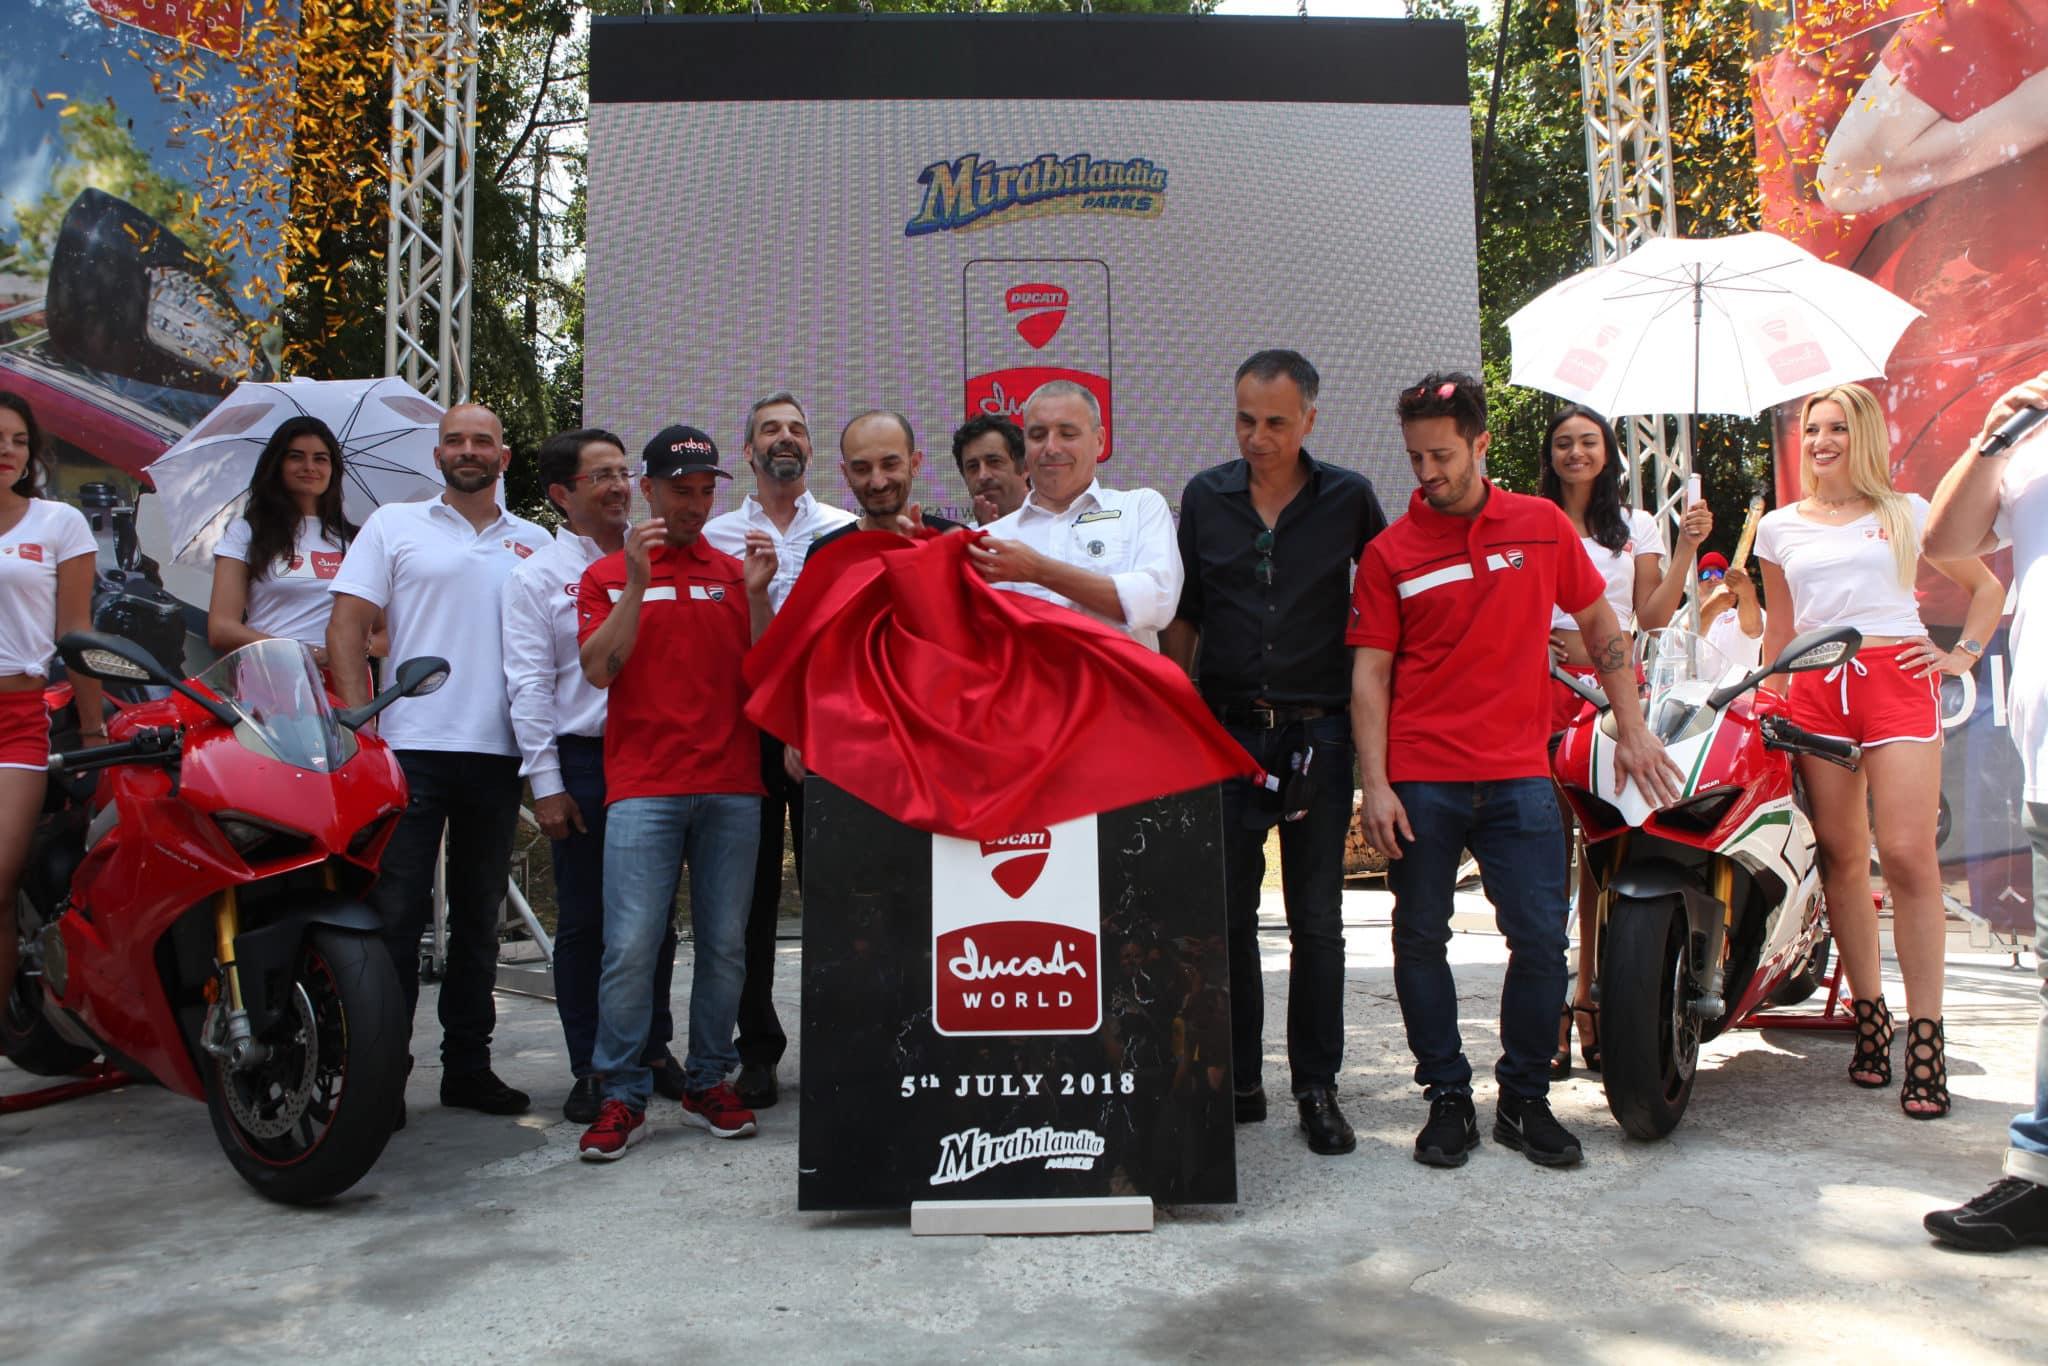 Ducati Mirabilandia Rollercoaster 2 La construcción del parque temático Ducati World ha comenzado